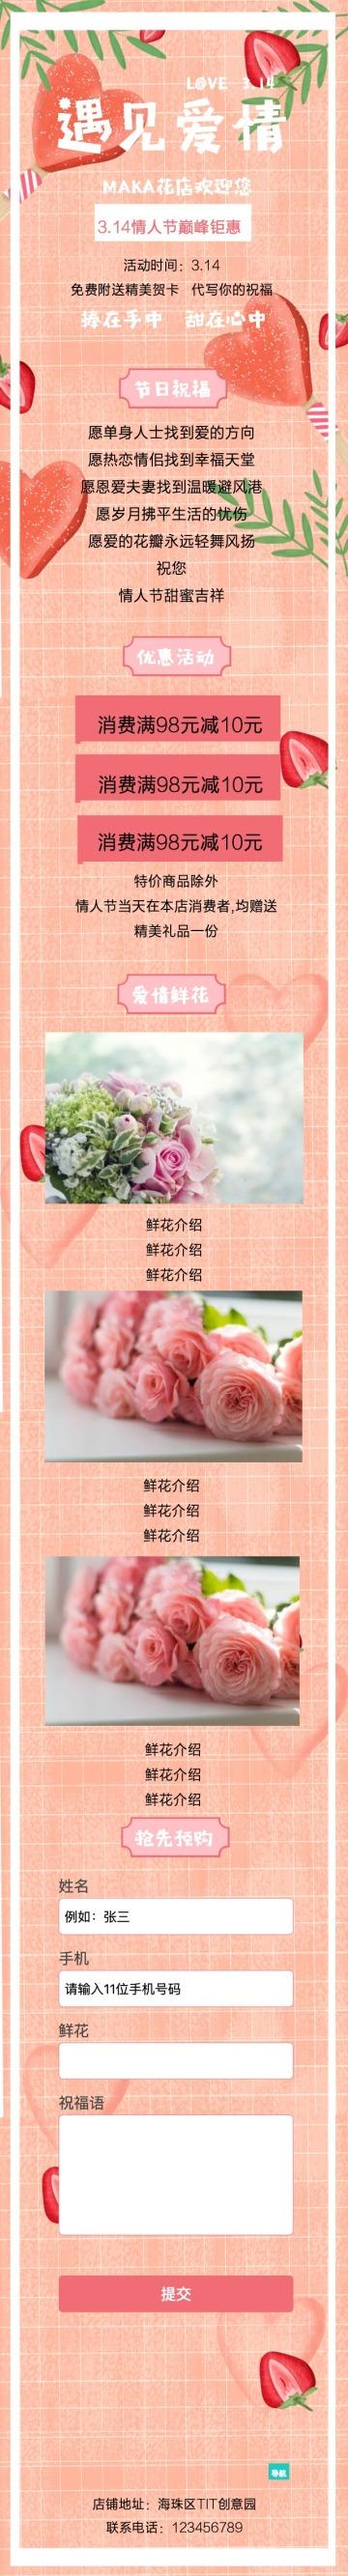 情人节清新简约百货零售花店促销推广单页